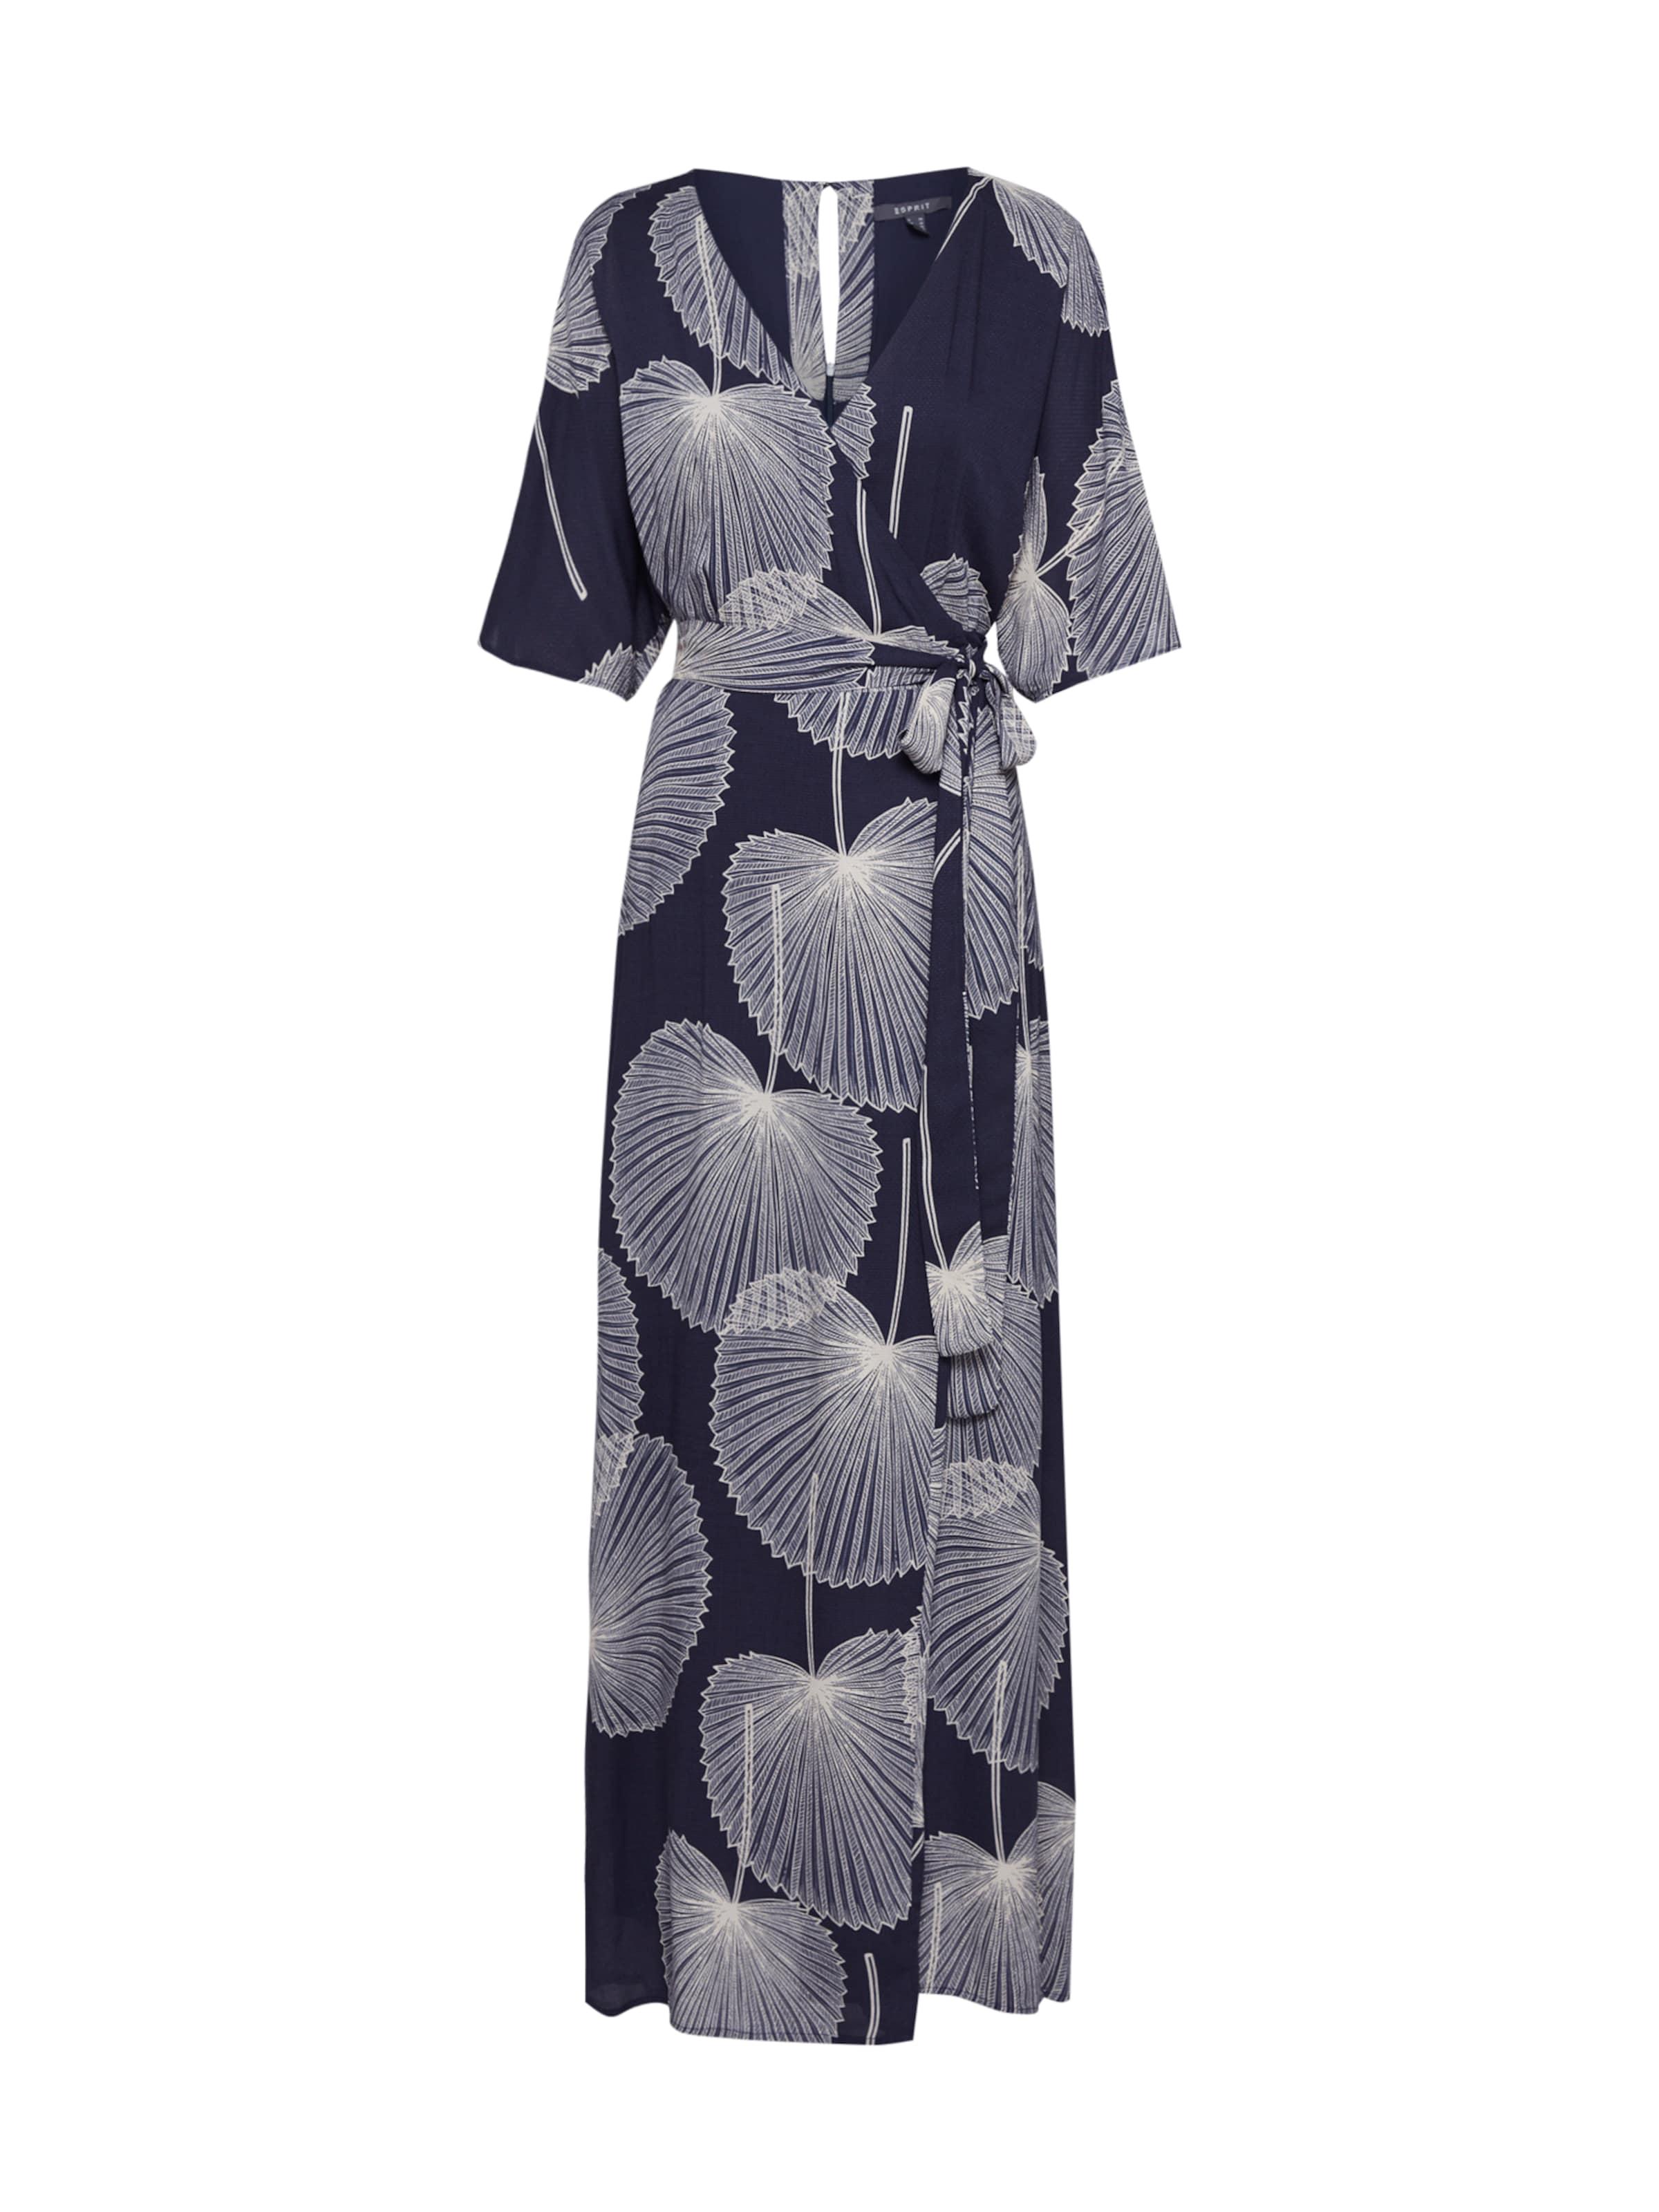 Bleu D'été Robe Collection Esprit En Foncé SMUVpz